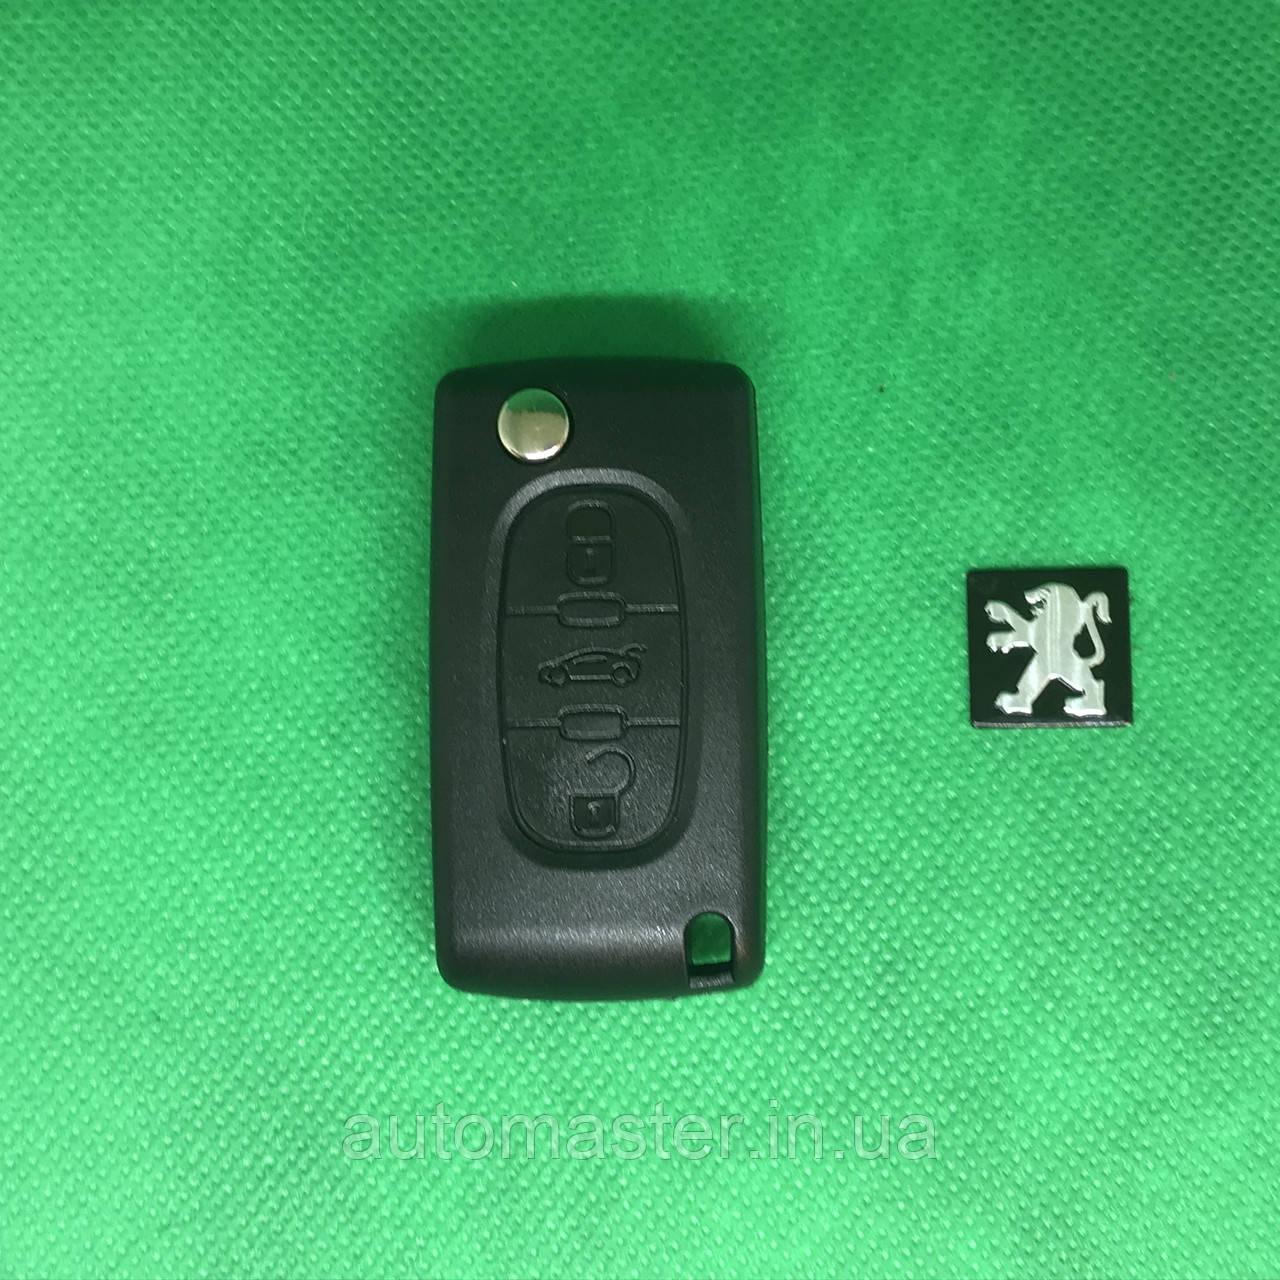 Ключ для PEUGEOT (Пежо) 407, 4007, 607  3 - кнопки с чипом ID46(7941)/433 FSK